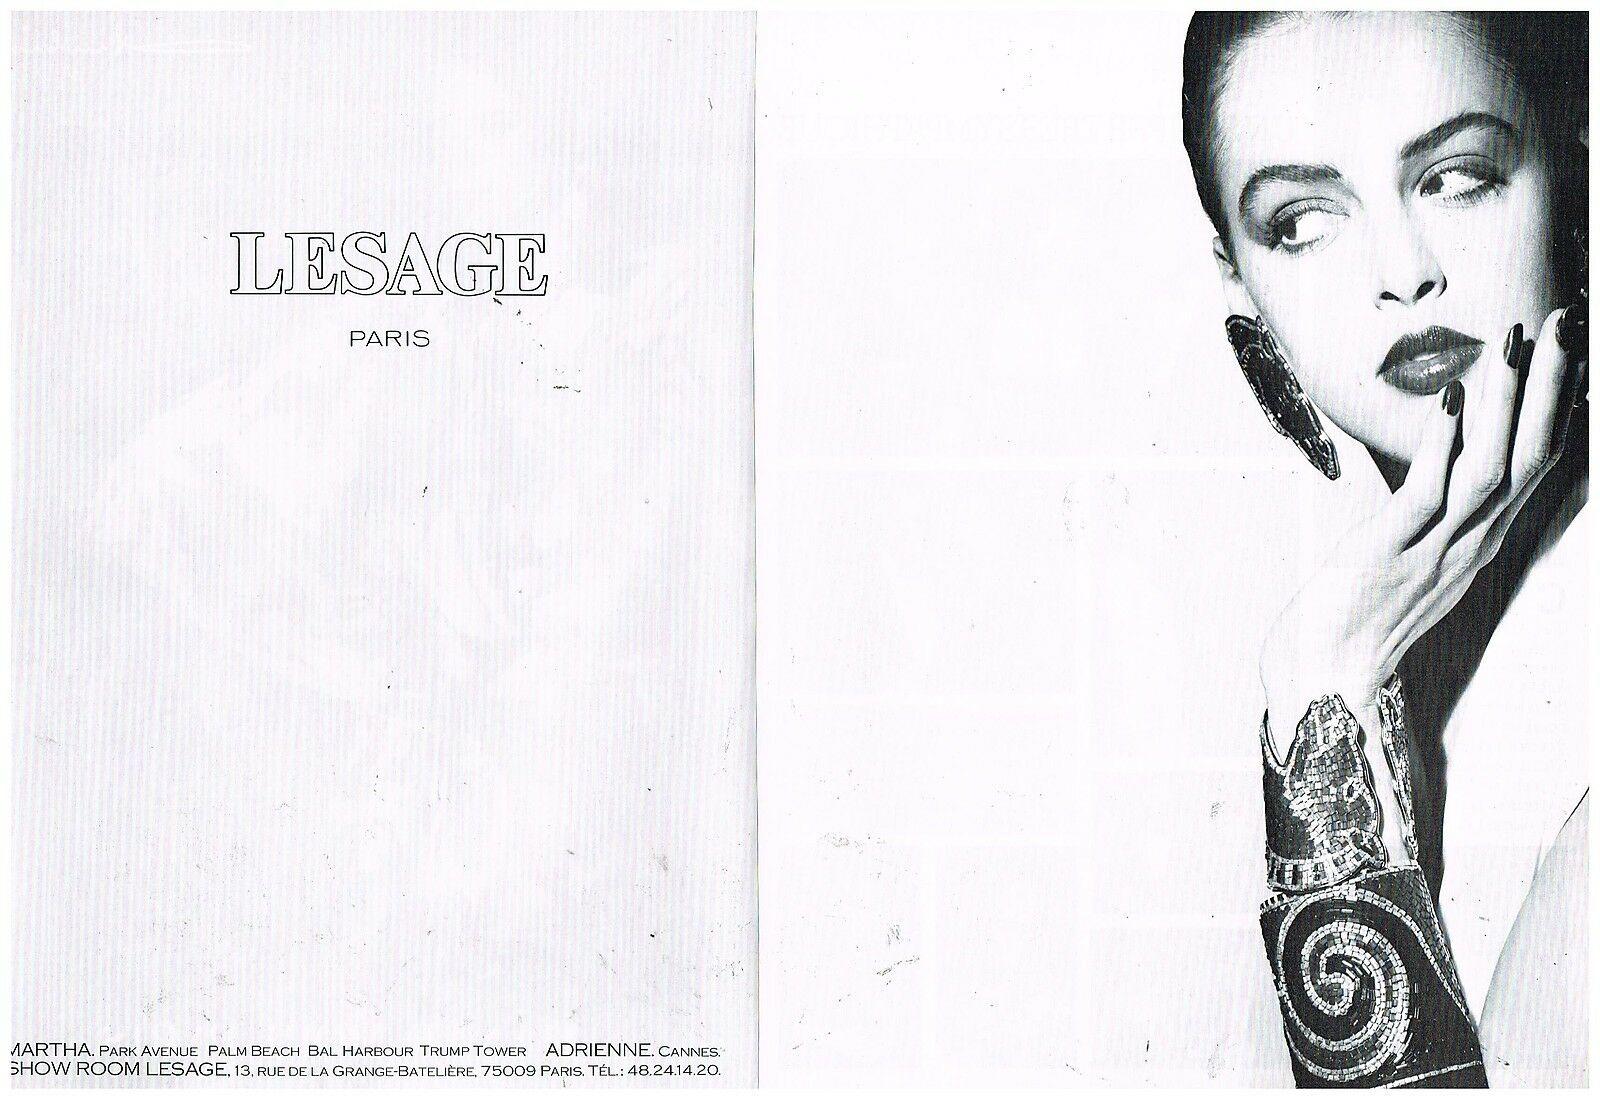 Lesage 1986